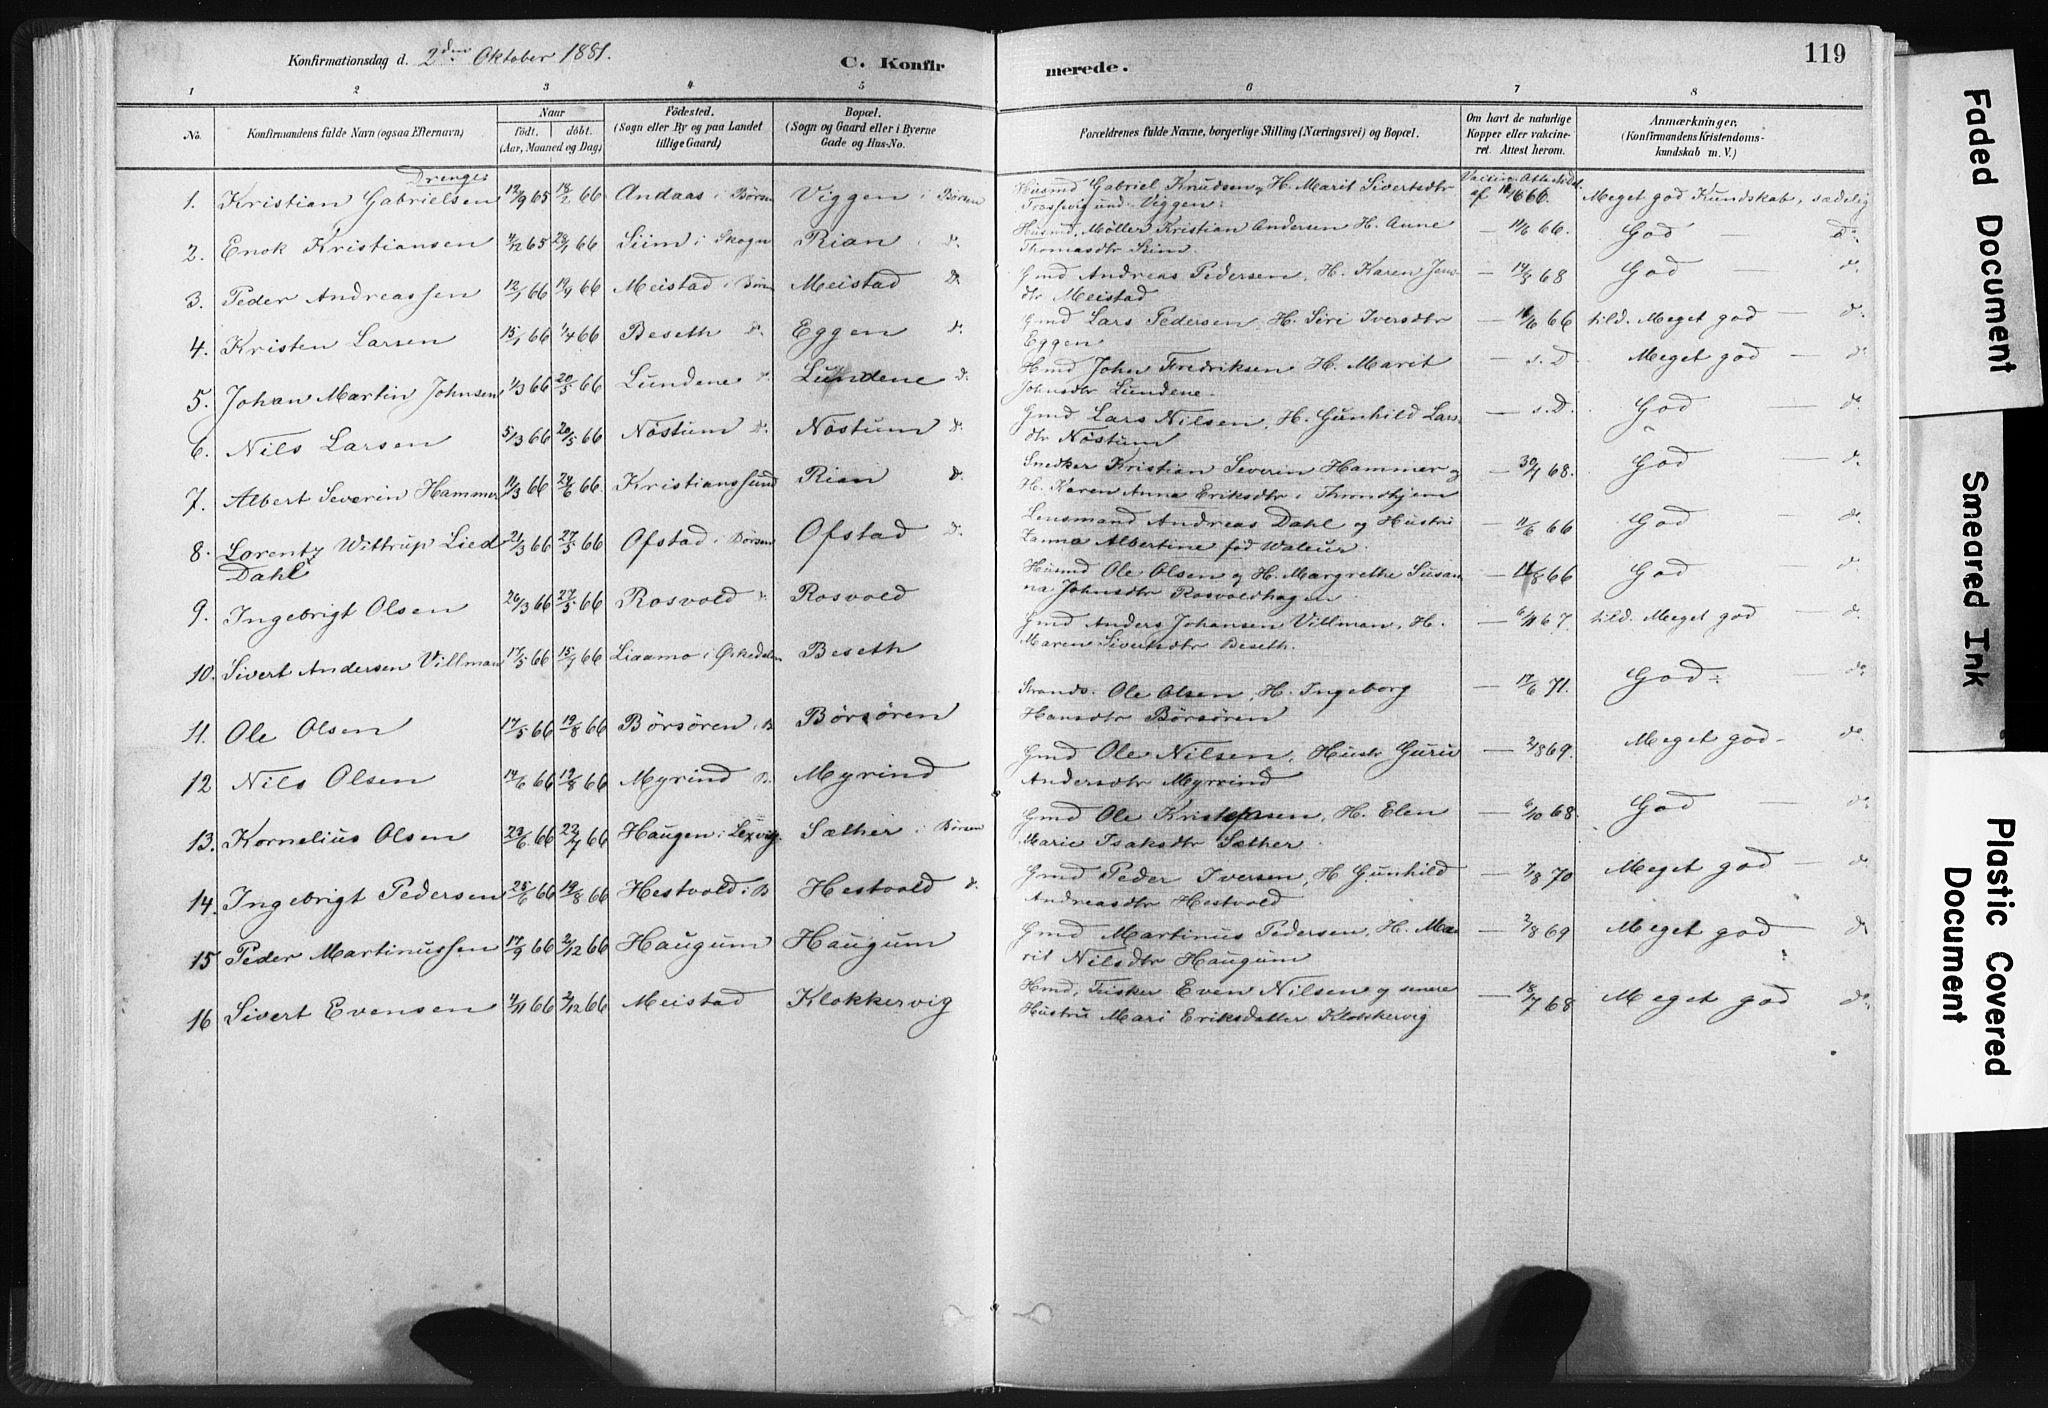 SAT, Ministerialprotokoller, klokkerbøker og fødselsregistre - Sør-Trøndelag, 665/L0773: Ministerialbok nr. 665A08, 1879-1905, s. 119